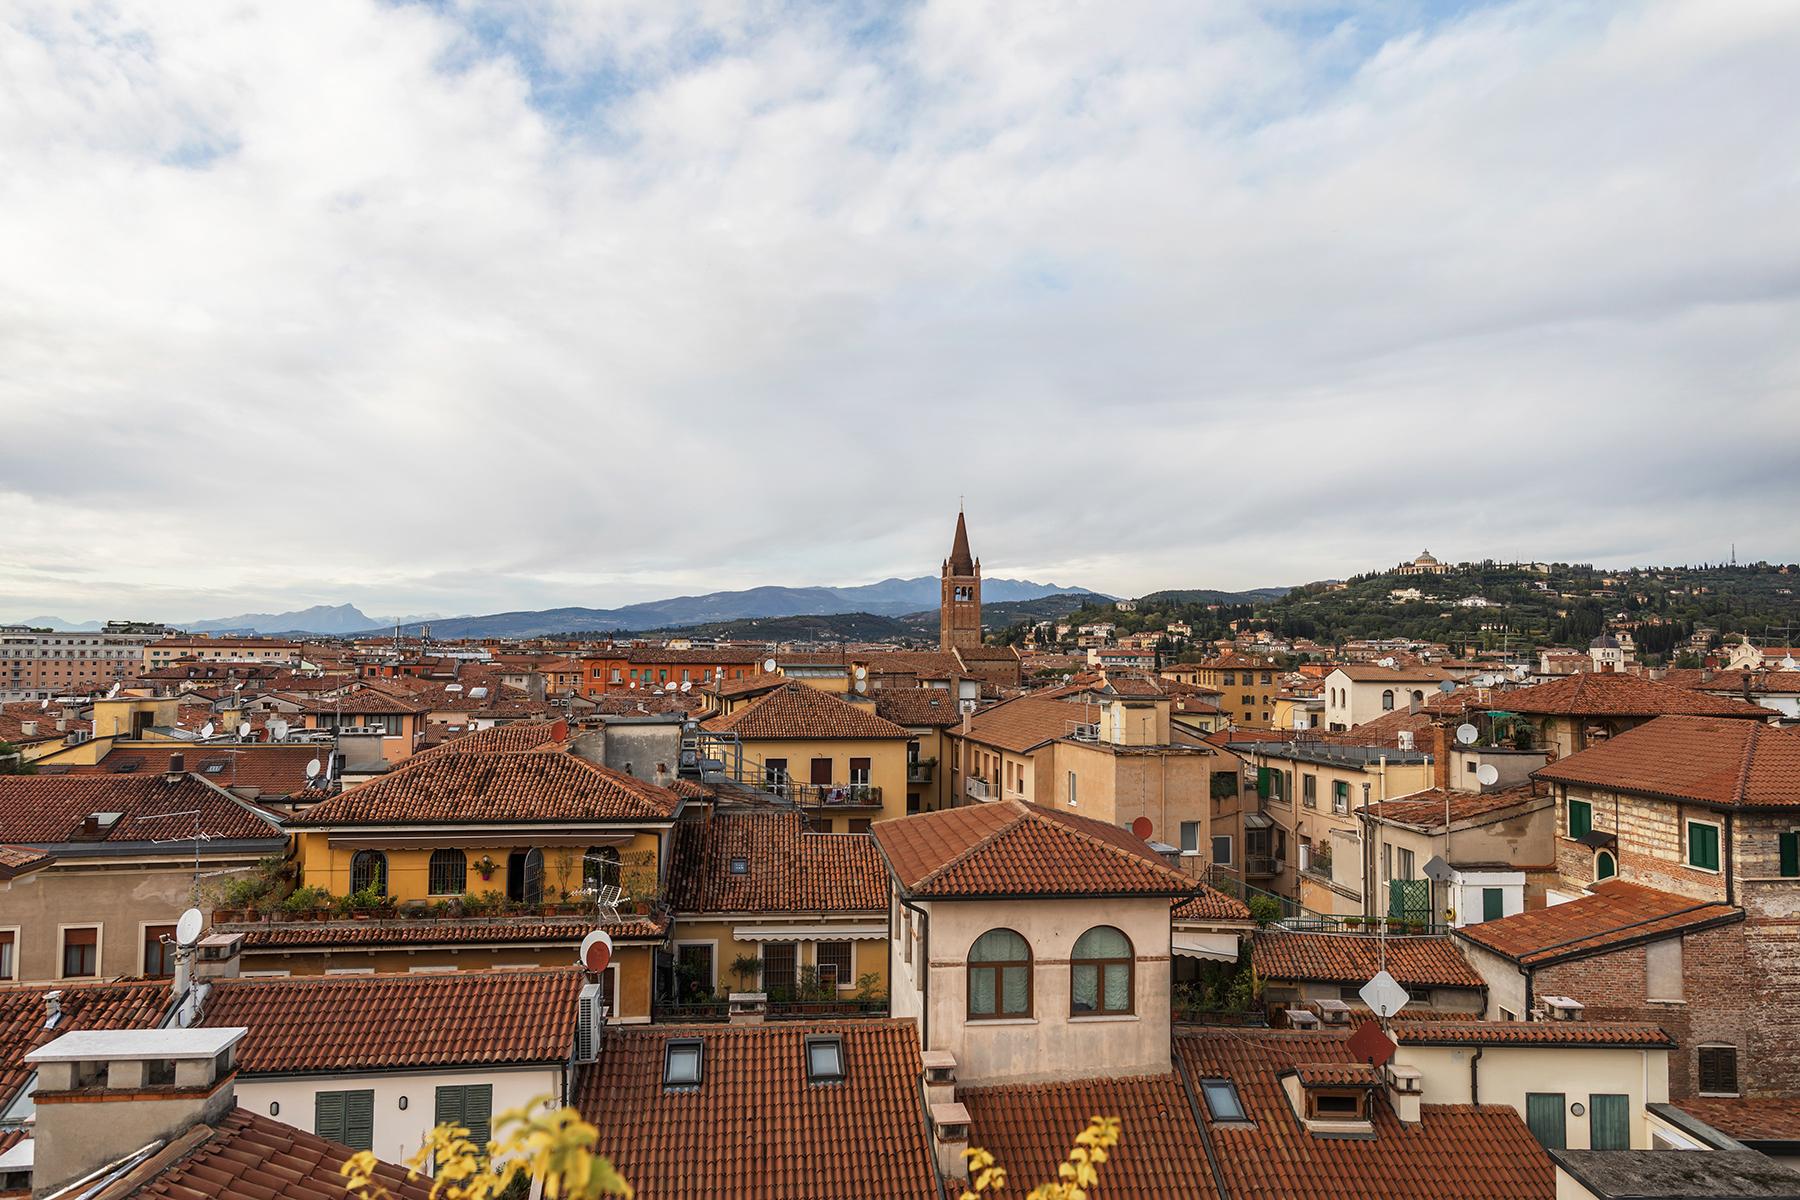 Attico in Vendita a Verona: 5 locali, 280 mq - Foto 17